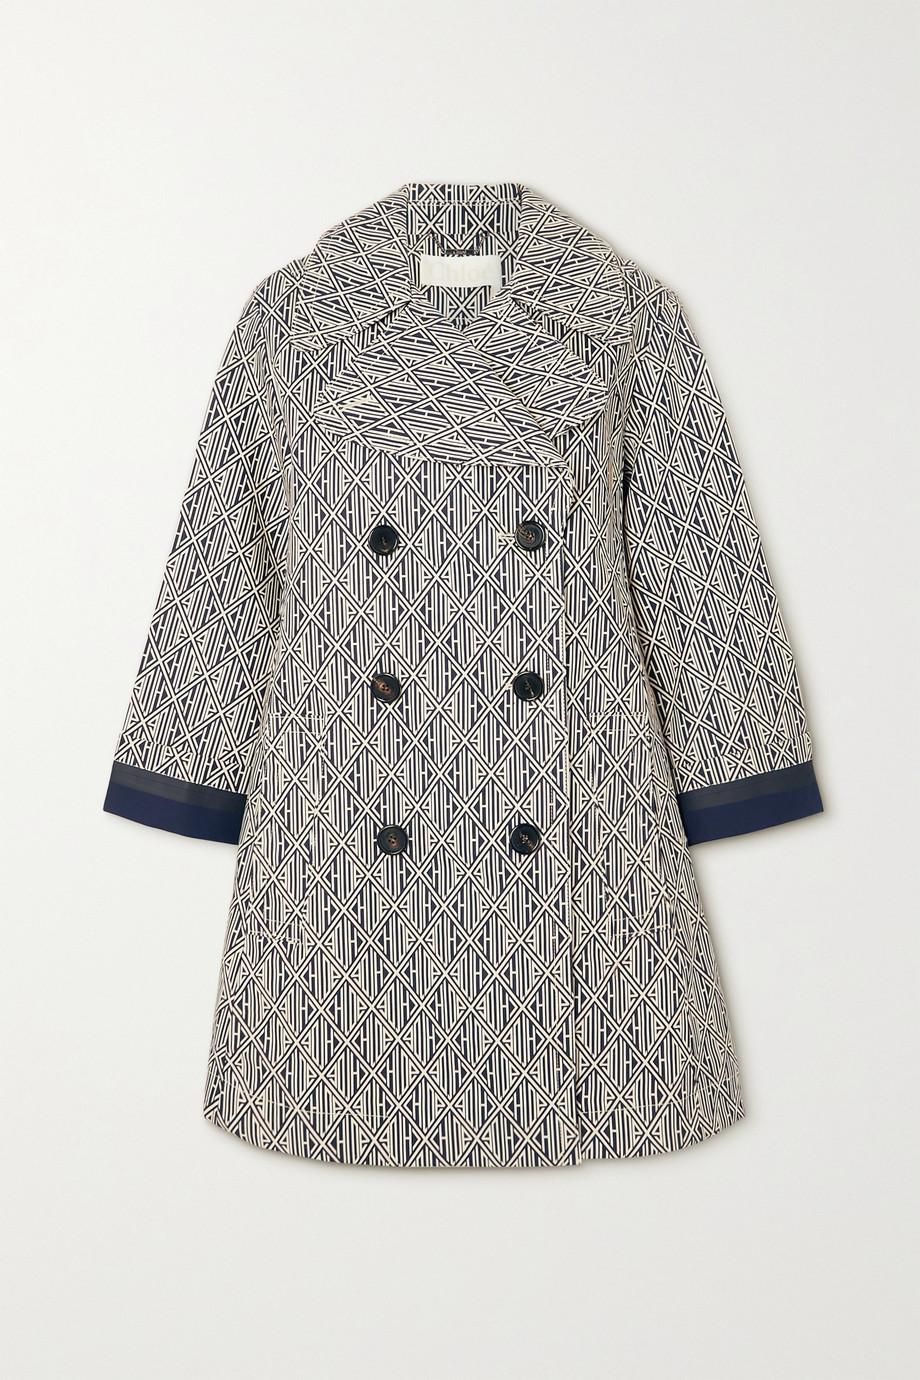 Chloé Manteau à double boutonnage en gabardine de coton imprimée